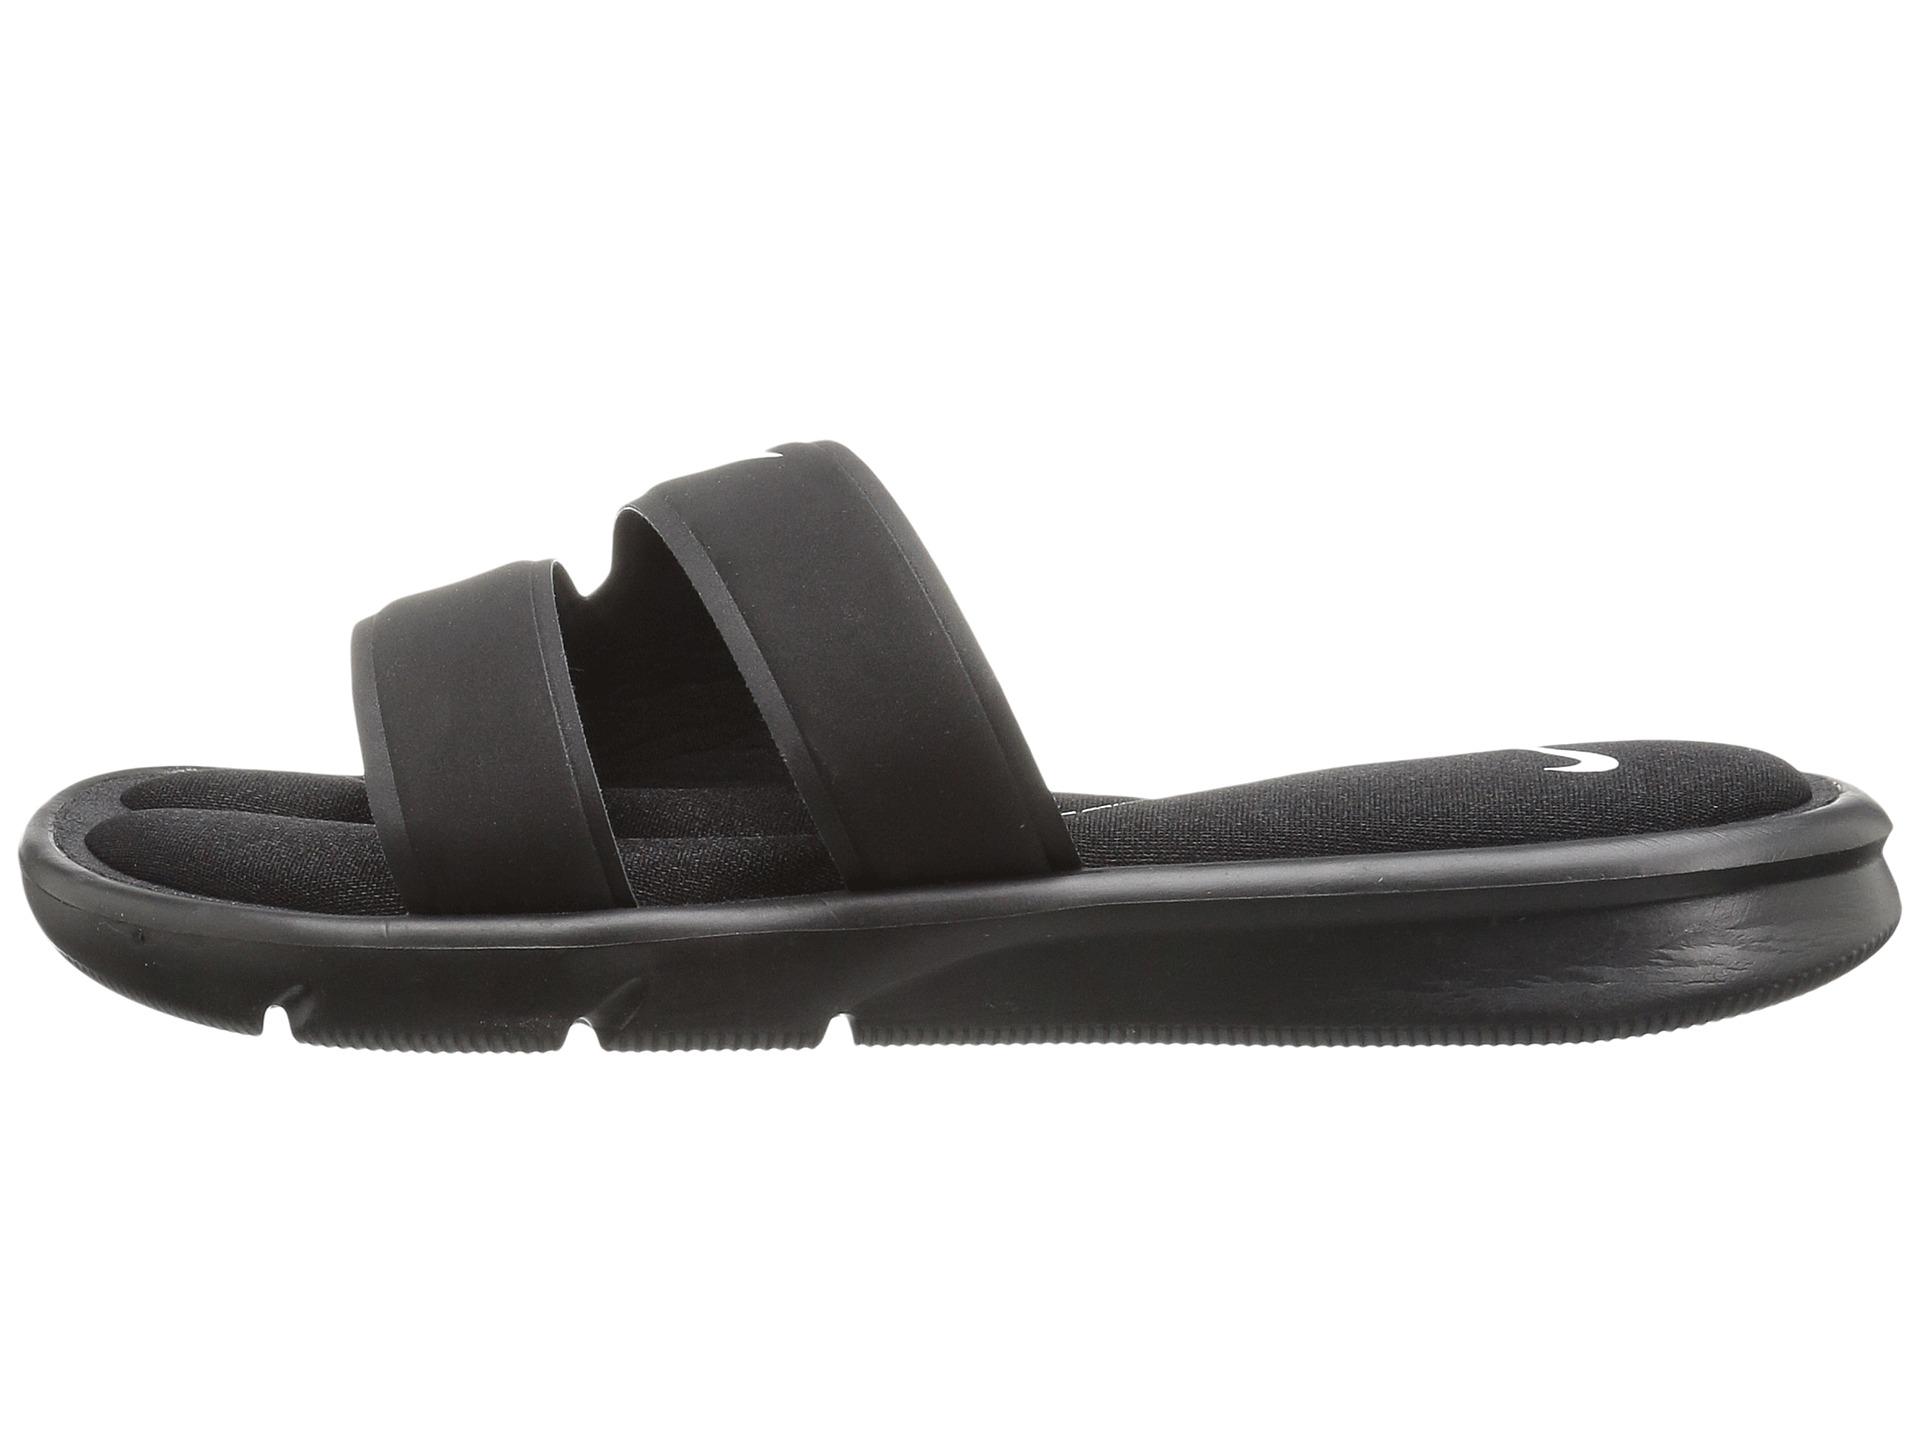 Nike Ultra Comfort Slide At